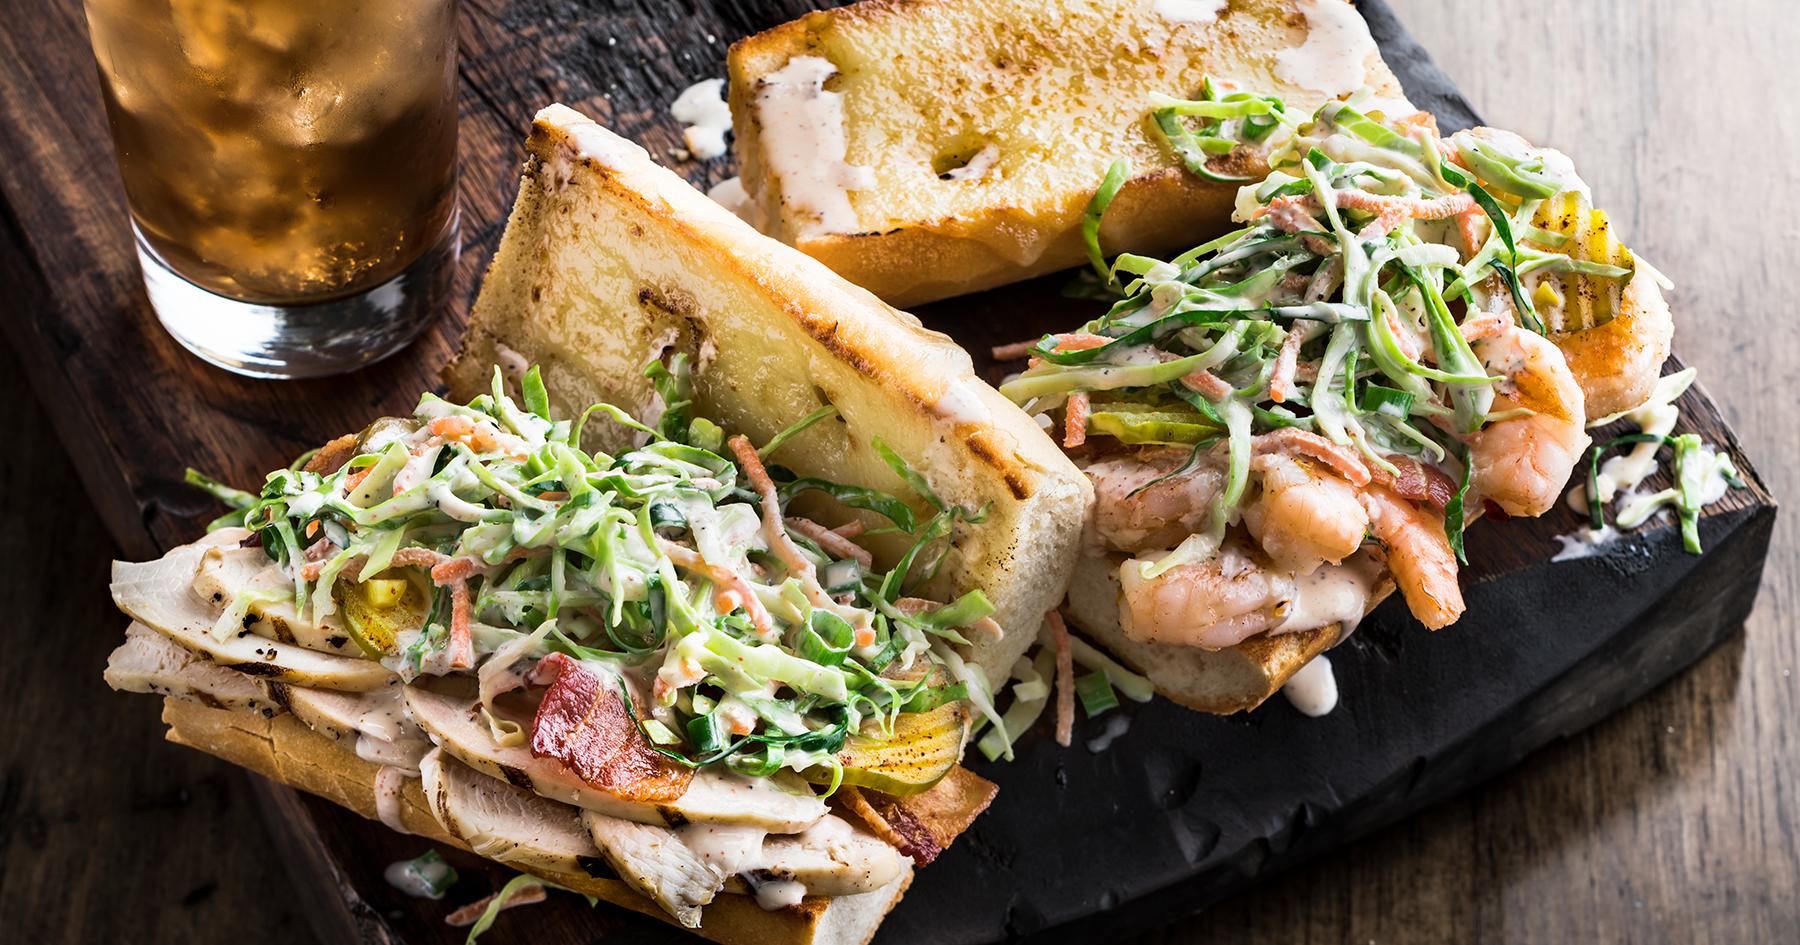 Newk's sandwich